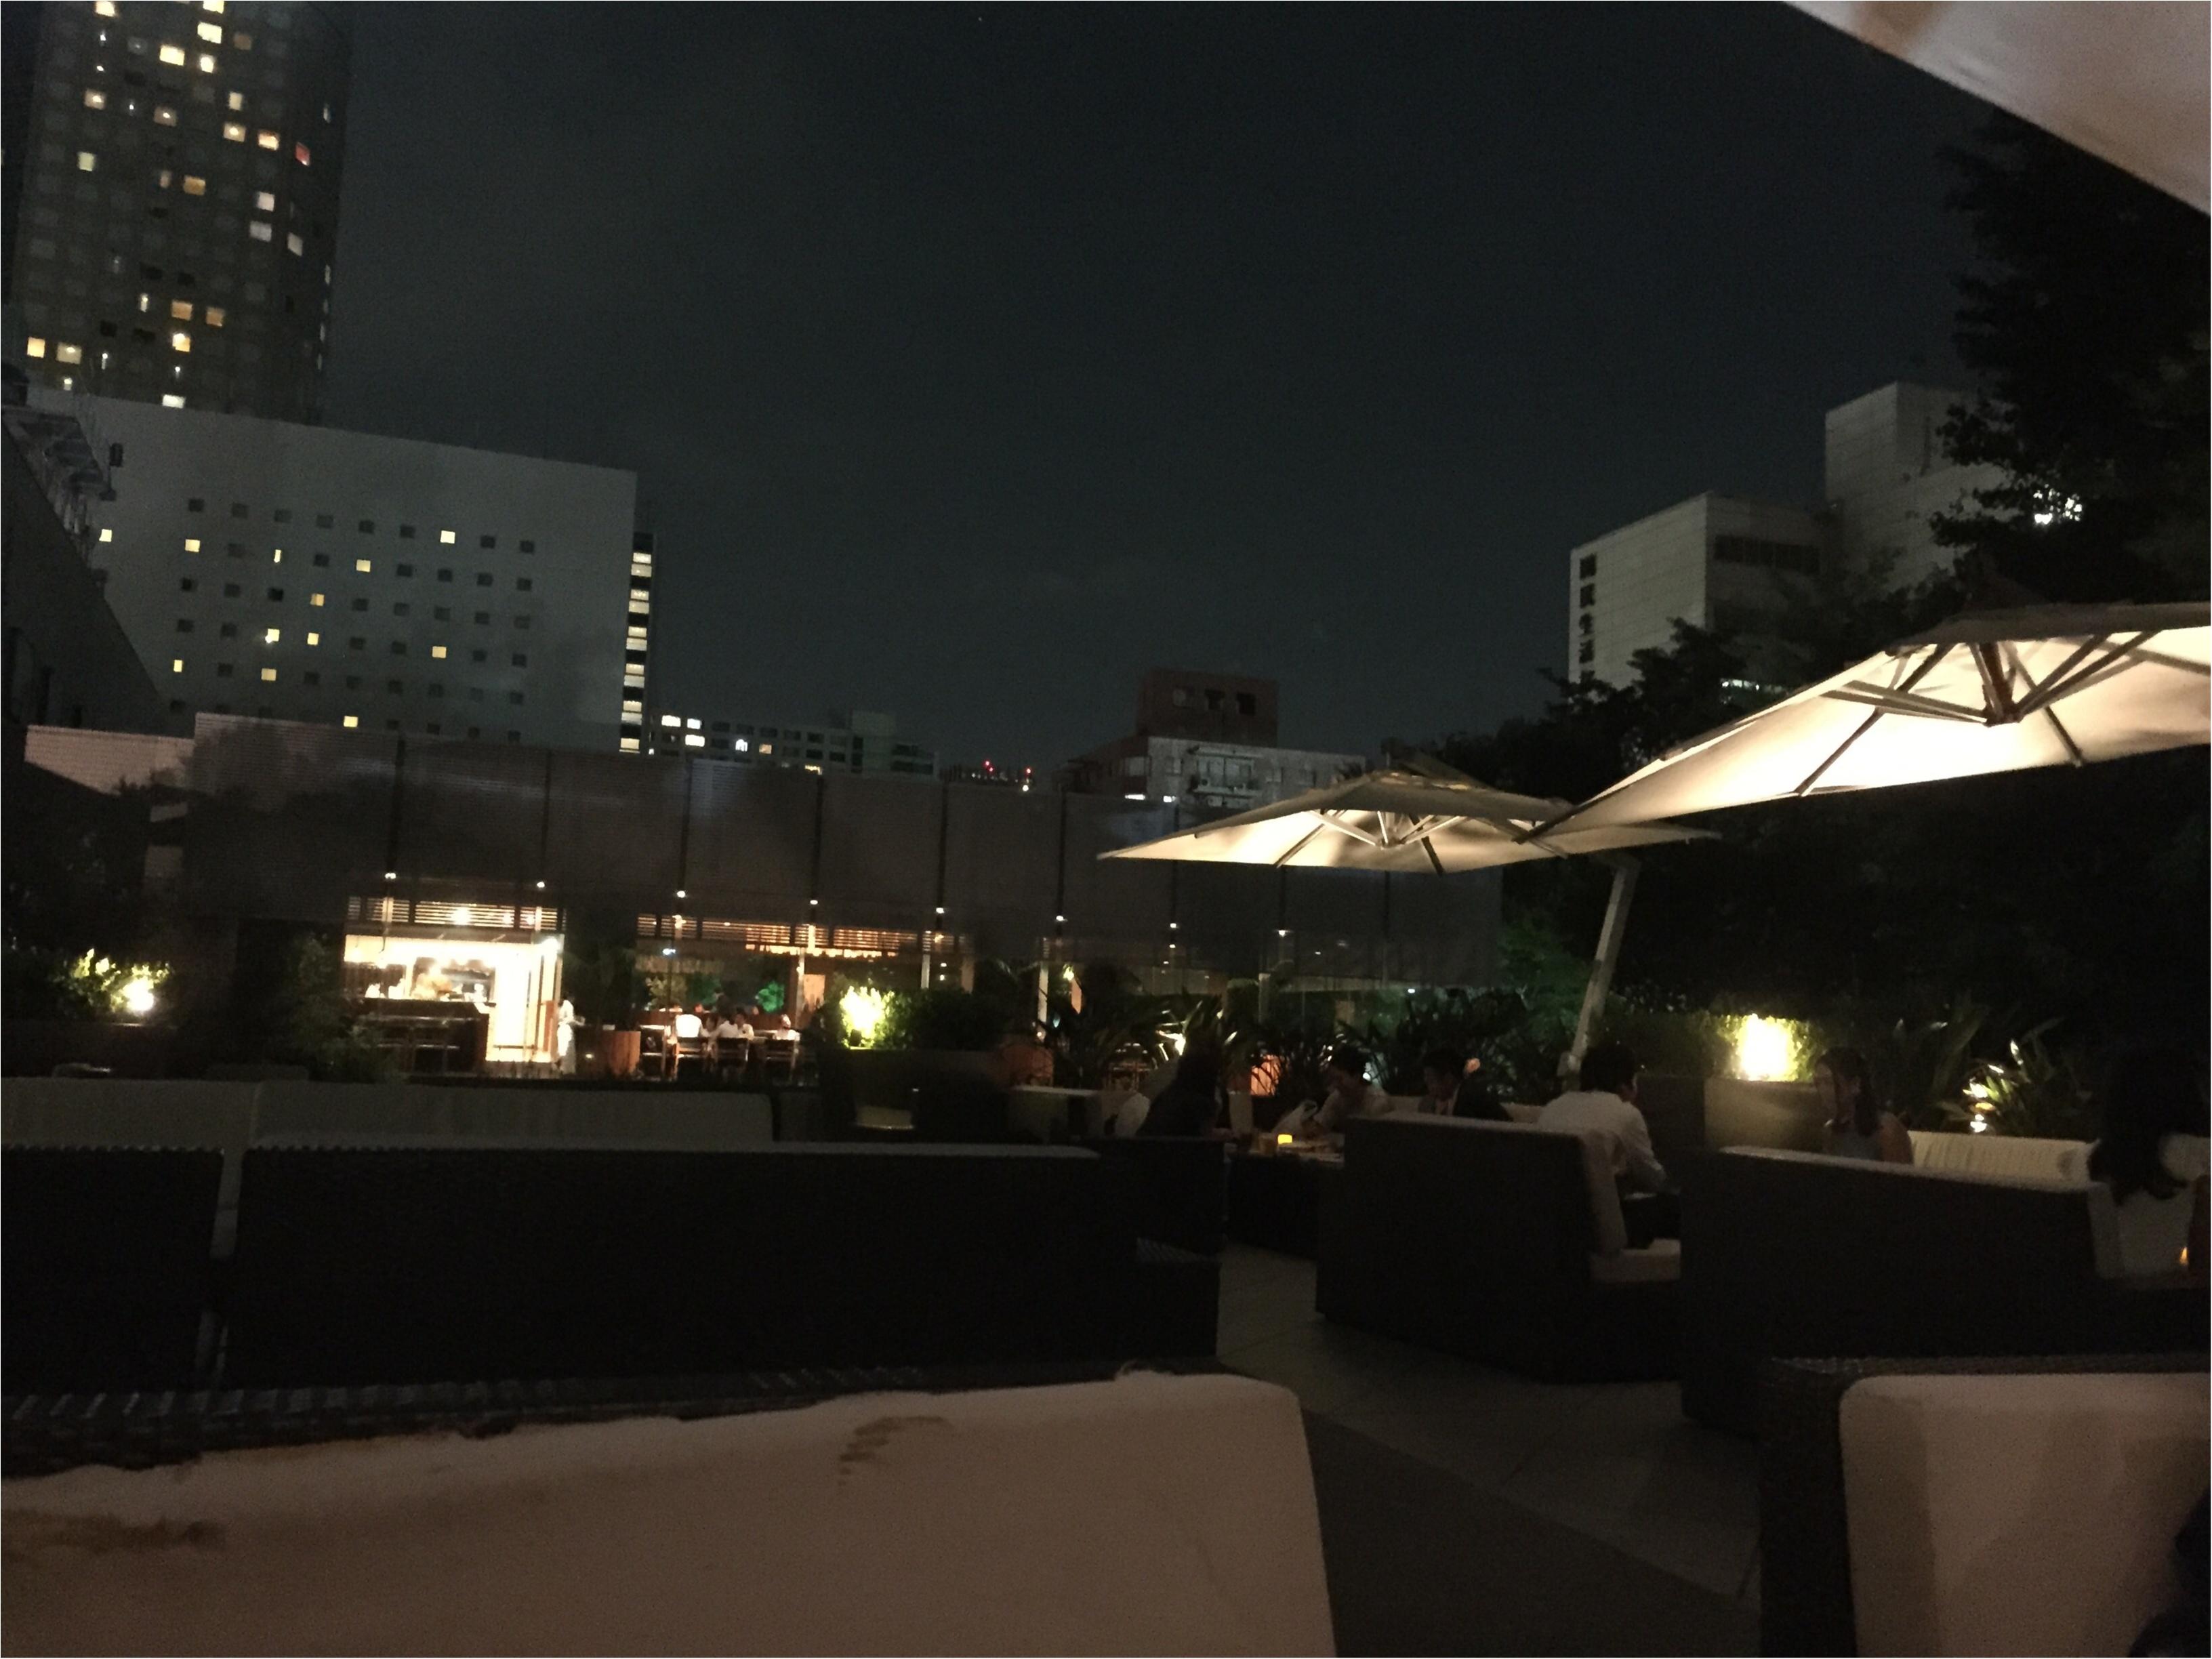 料理も最高♡1ランク上のビアガーデンで優雅なひとときを過ごすなら✨バースデーサプライズにもお薦め♪【THE LANDMARK SQUARE TOKYO】_5